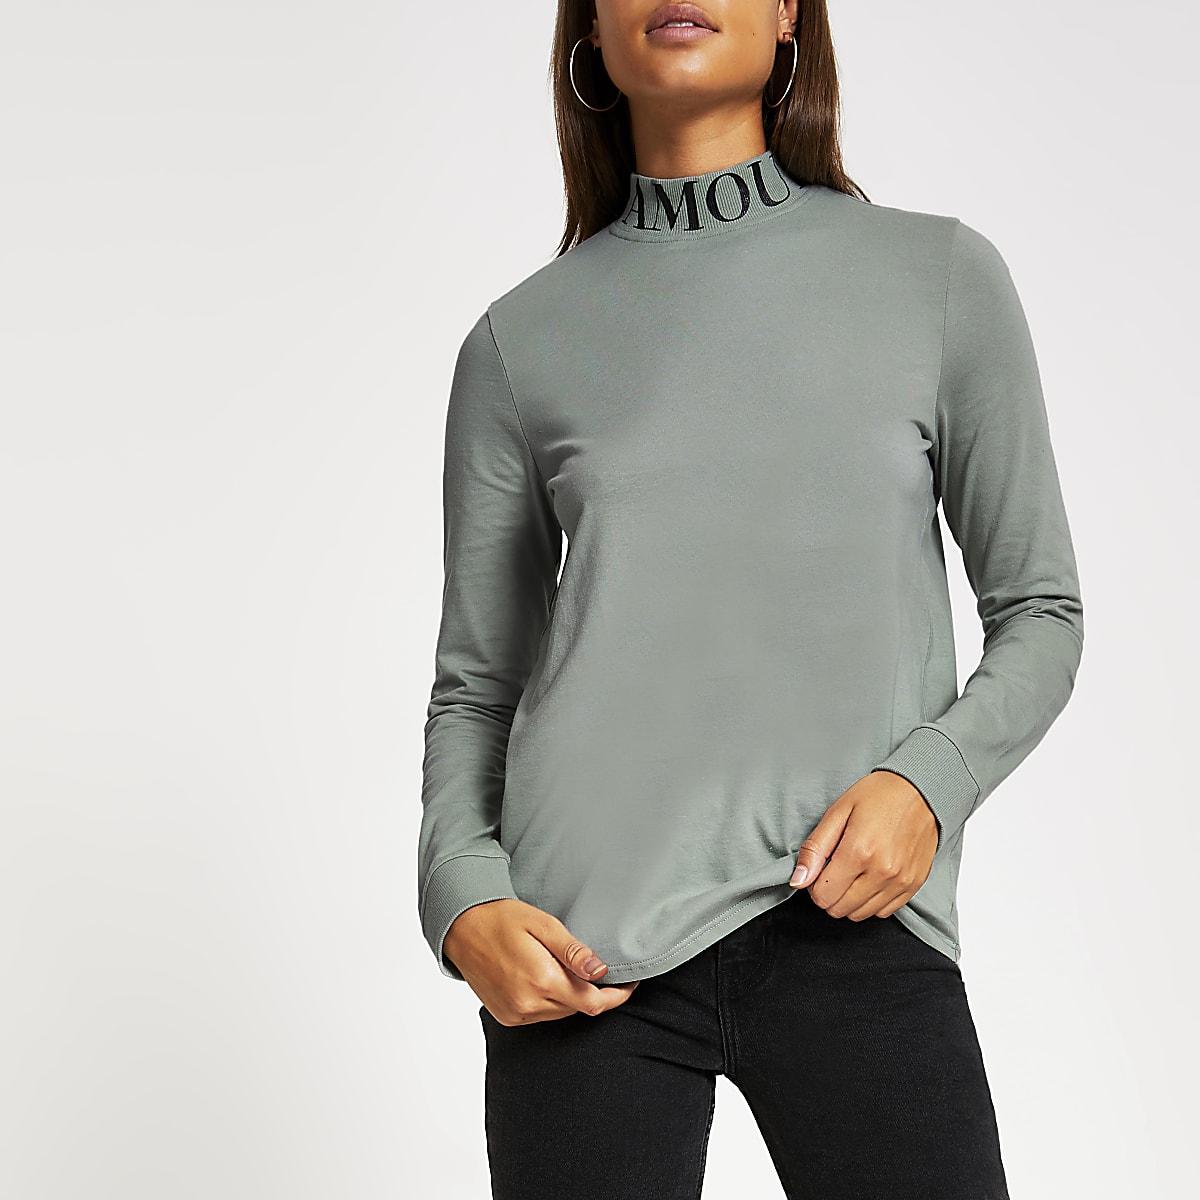 Groen hoogsluitend T-shirt met 'L'amour'-print